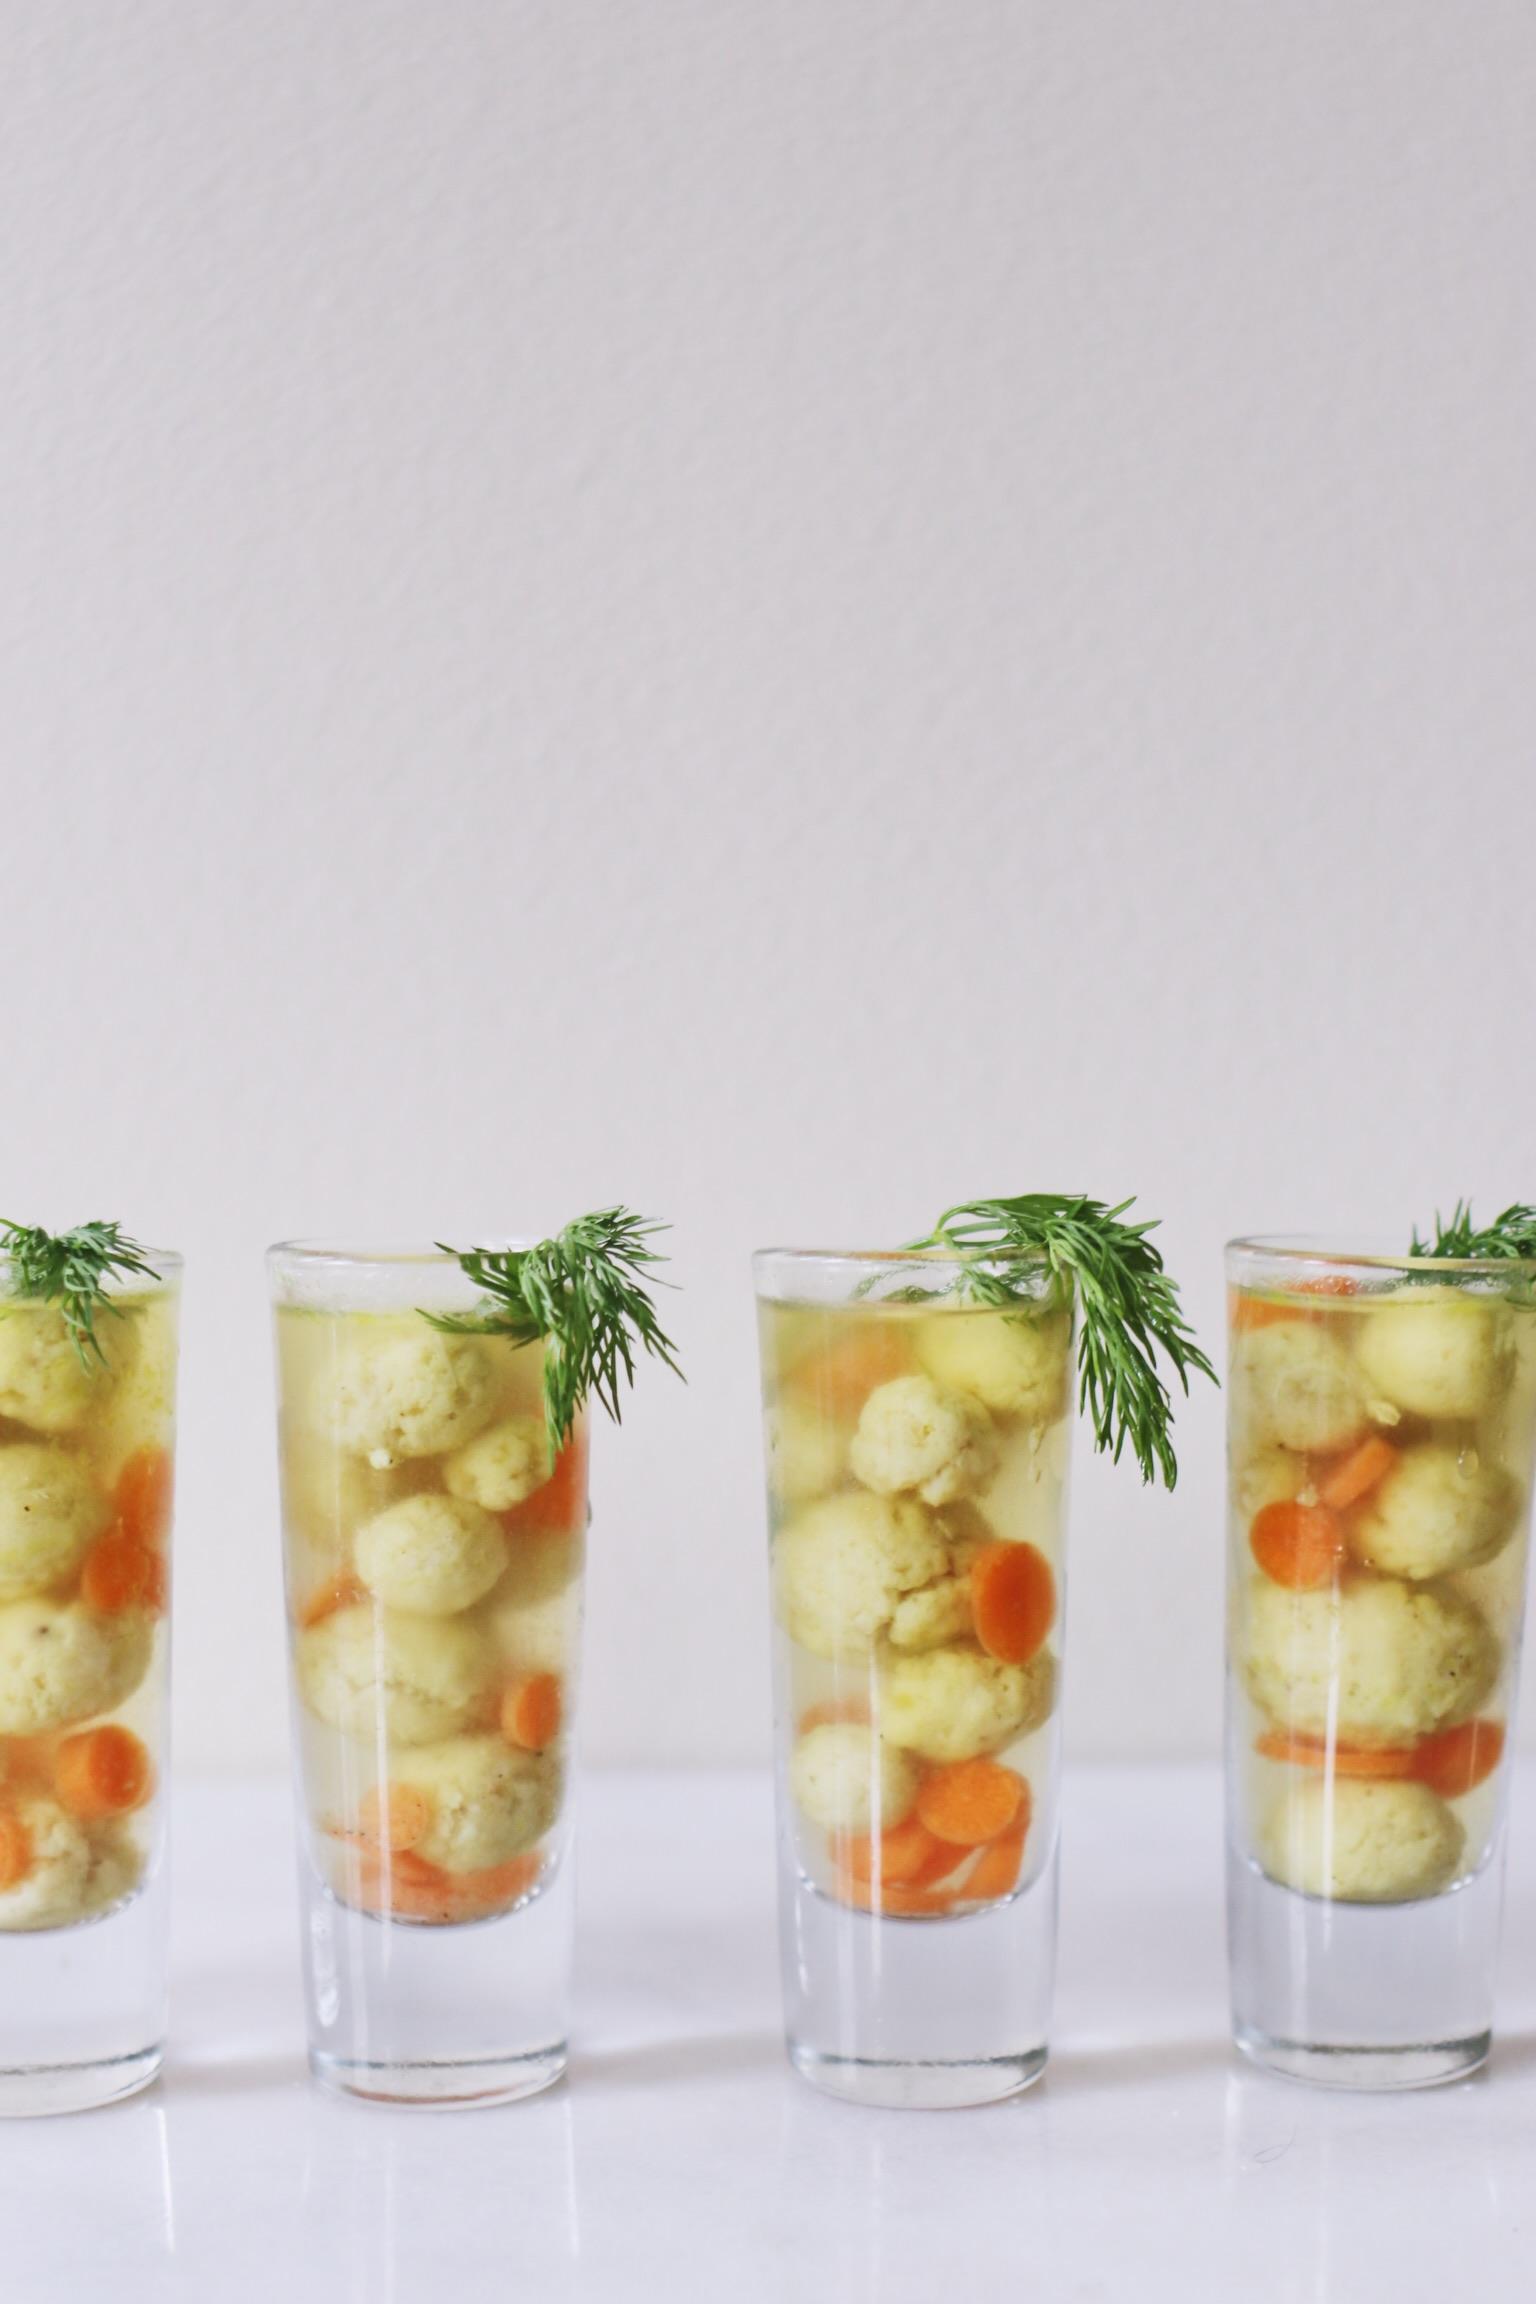 passover-appetizers-matzah-ball-soup-recipe-15.jpeg